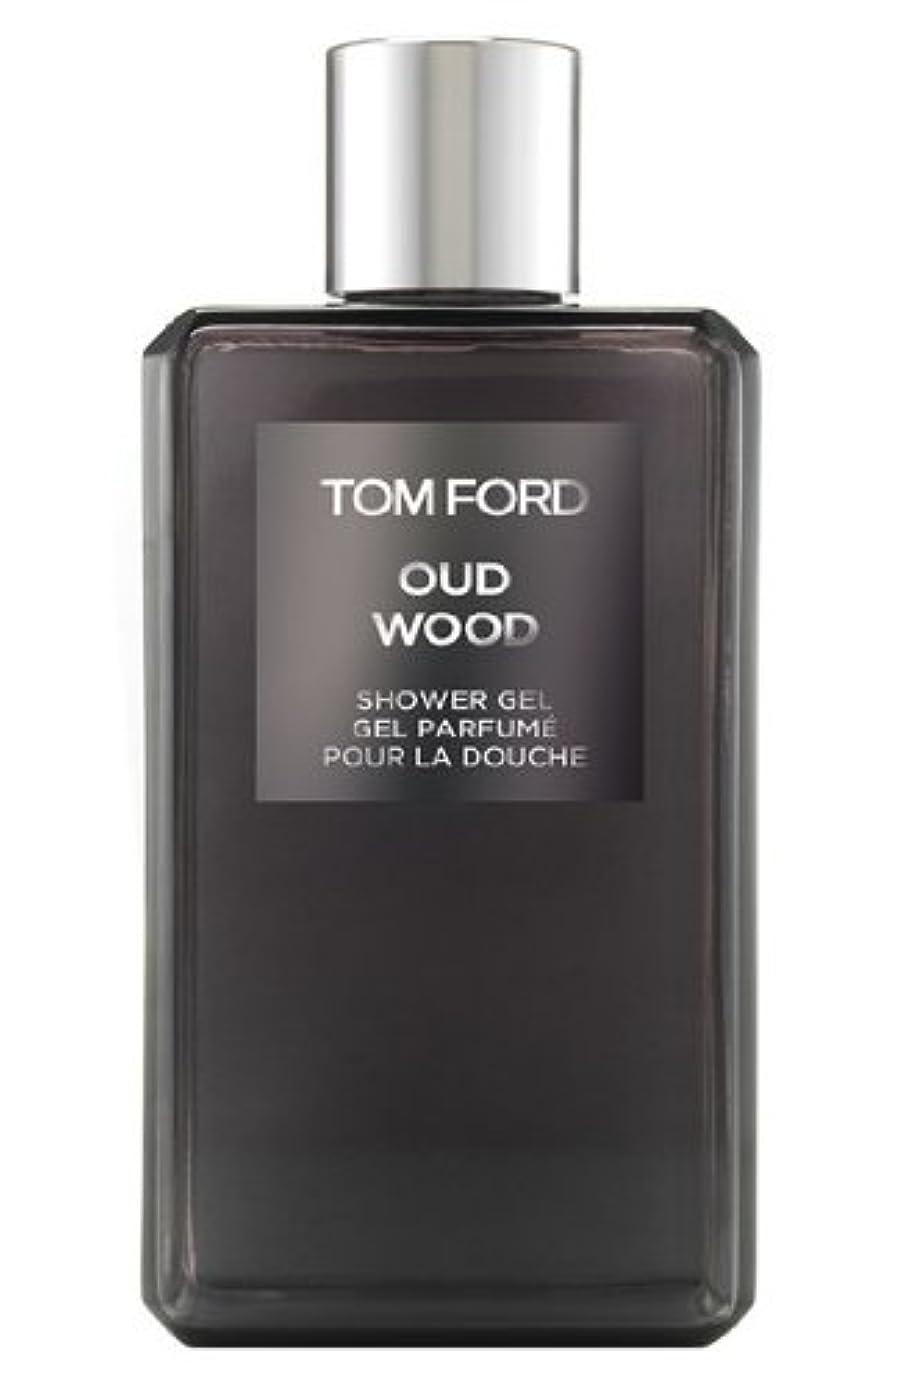 データム一般波Tom Ford Private Blend 'Oud Wood' (トムフォード プライベートブレンド オードウッド) 8.45 oz (254ml) Shower Gel